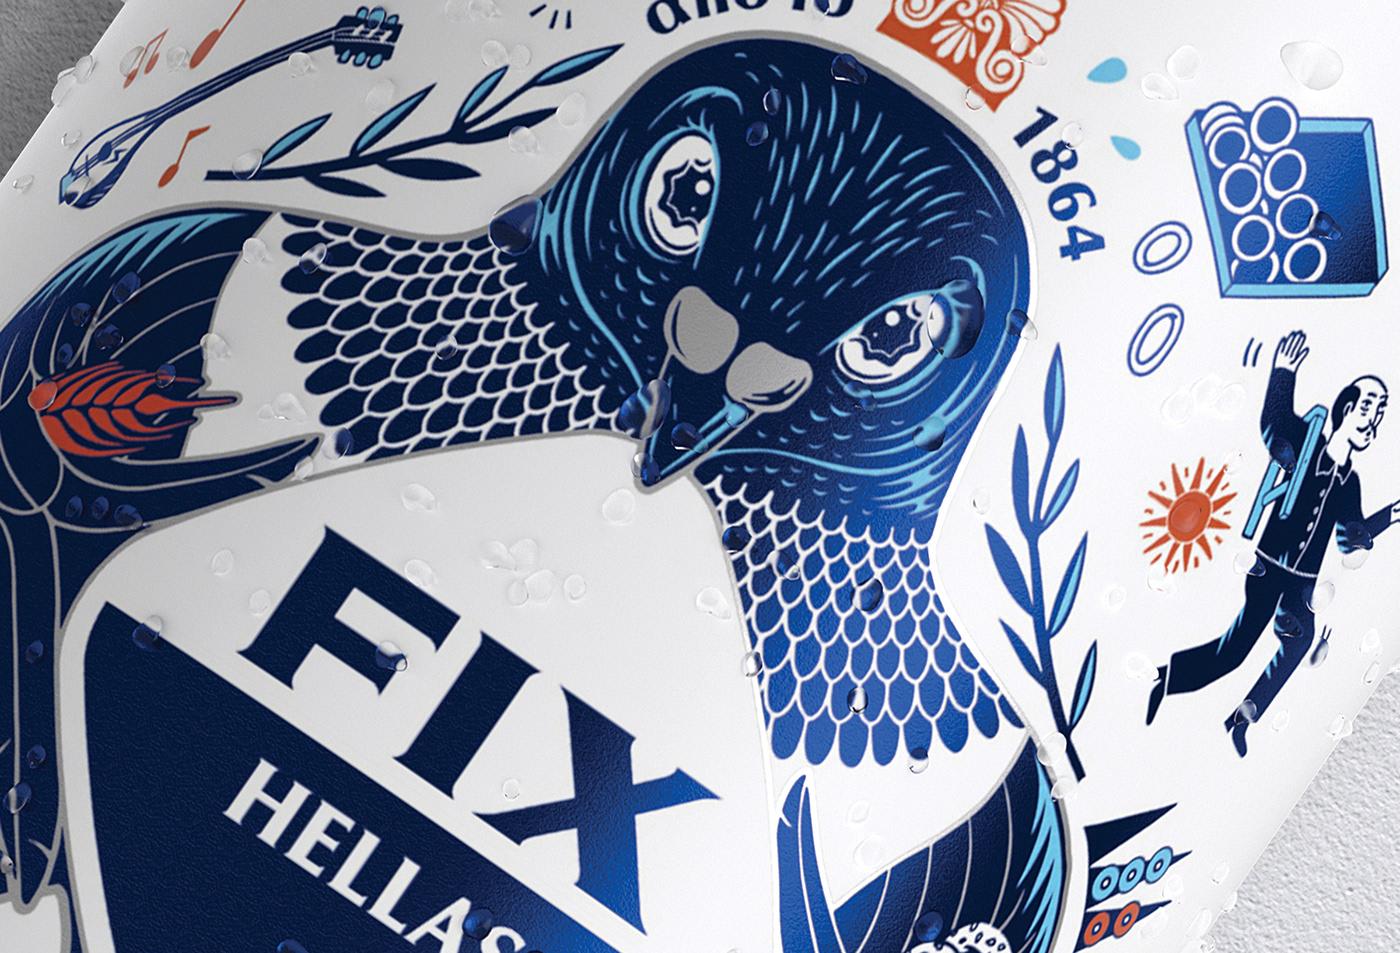 国际包装设计分享:希腊啤酒包装设计 FIX HELLAS,充满地域特色